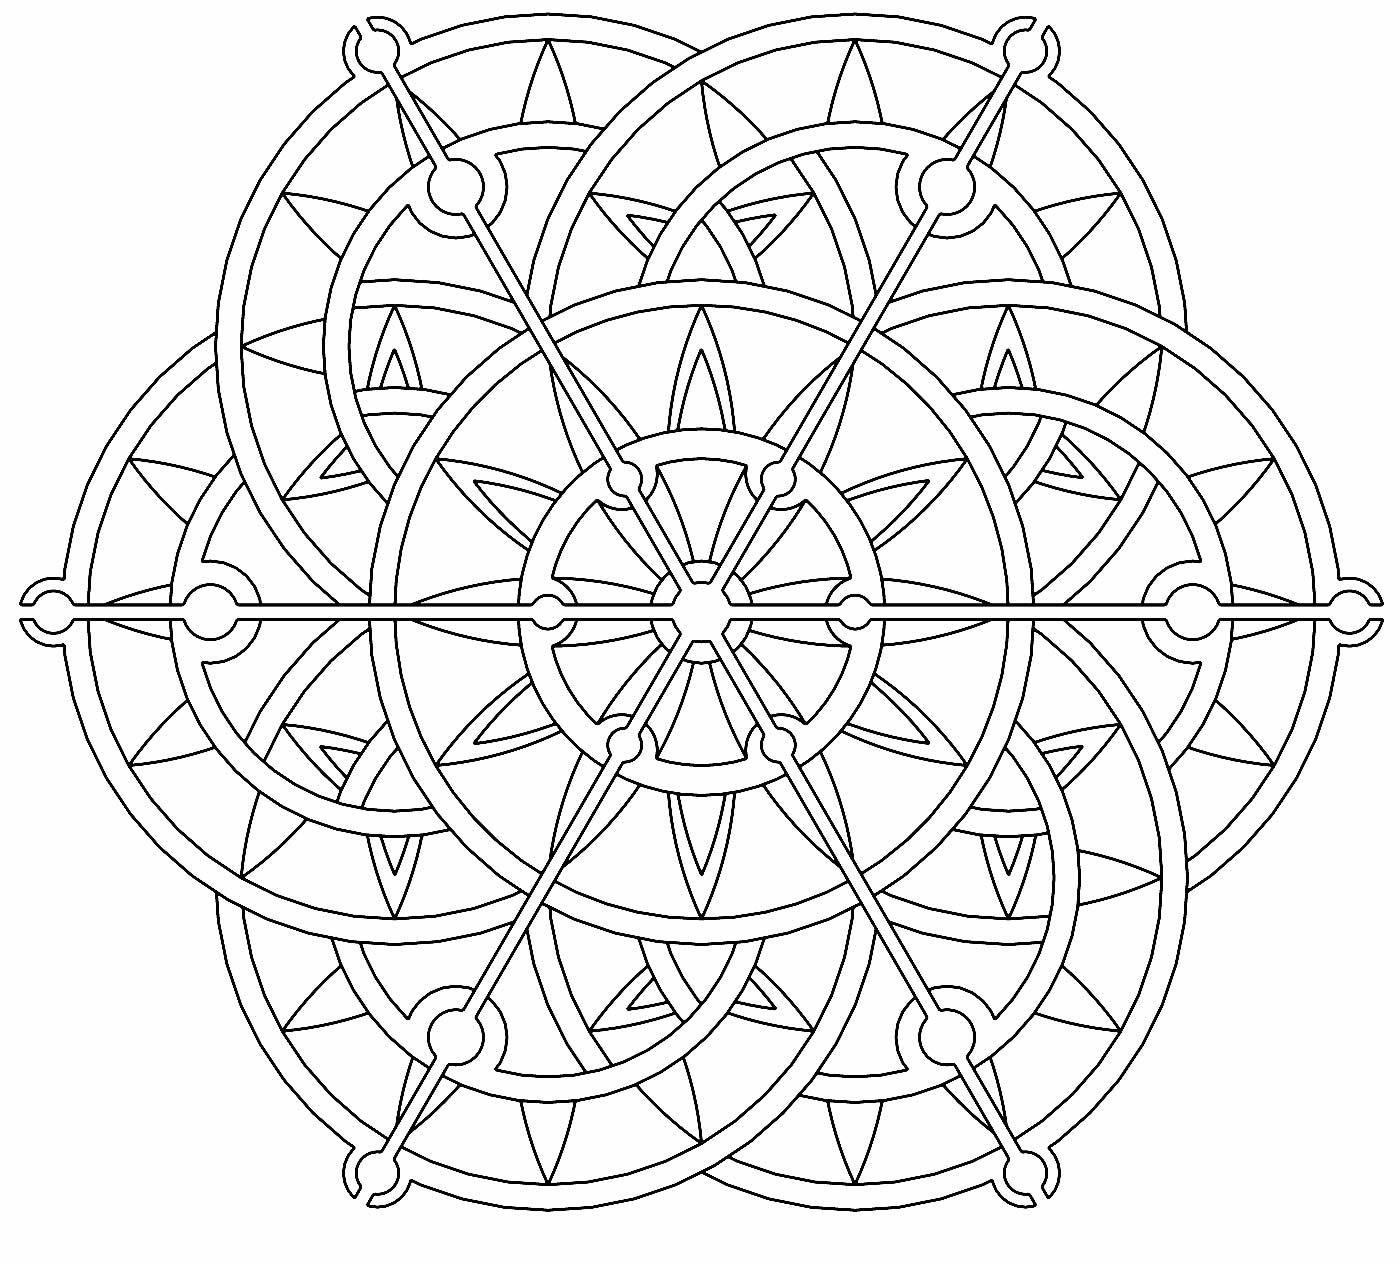 Image de Mandala à peindre